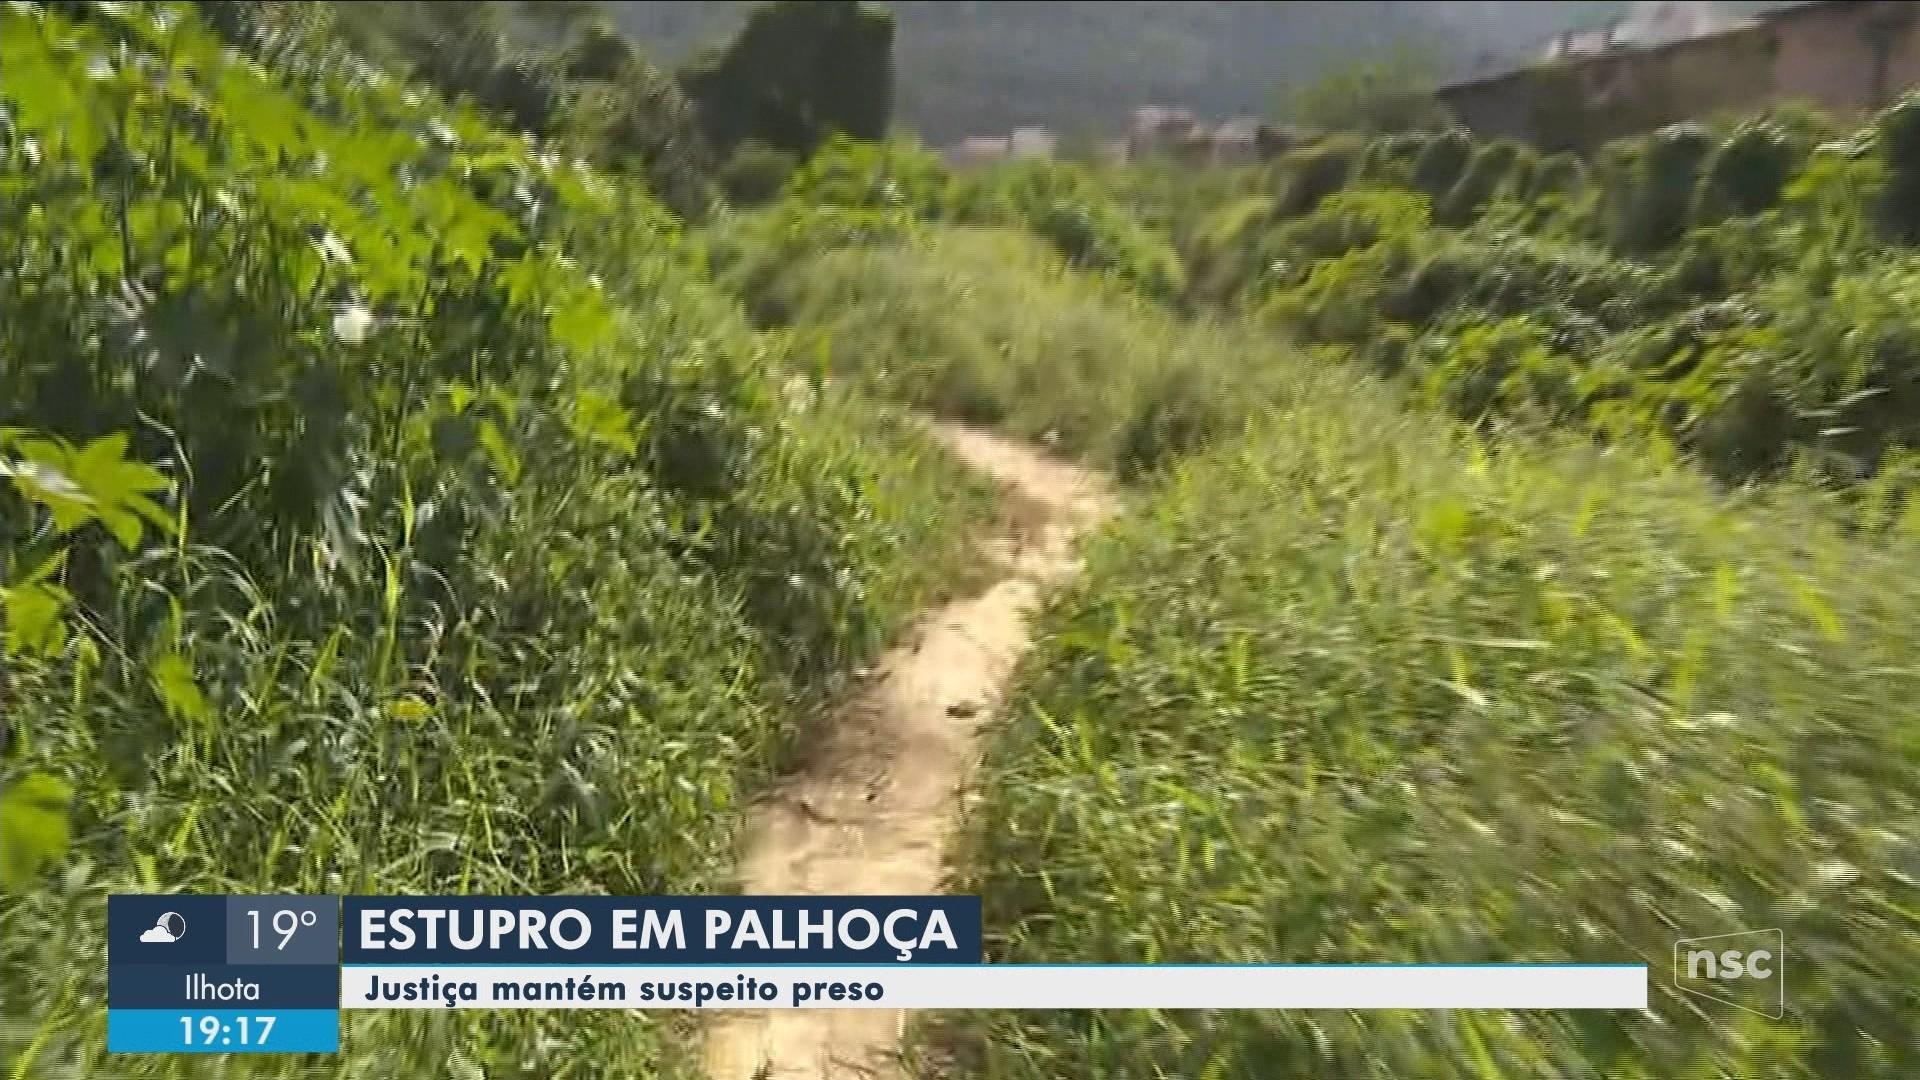 Suspeito de integrar quadrilha de roubo de carro é preso após perseguição na Grande Florianópolis - Notícias - Plantão Diário